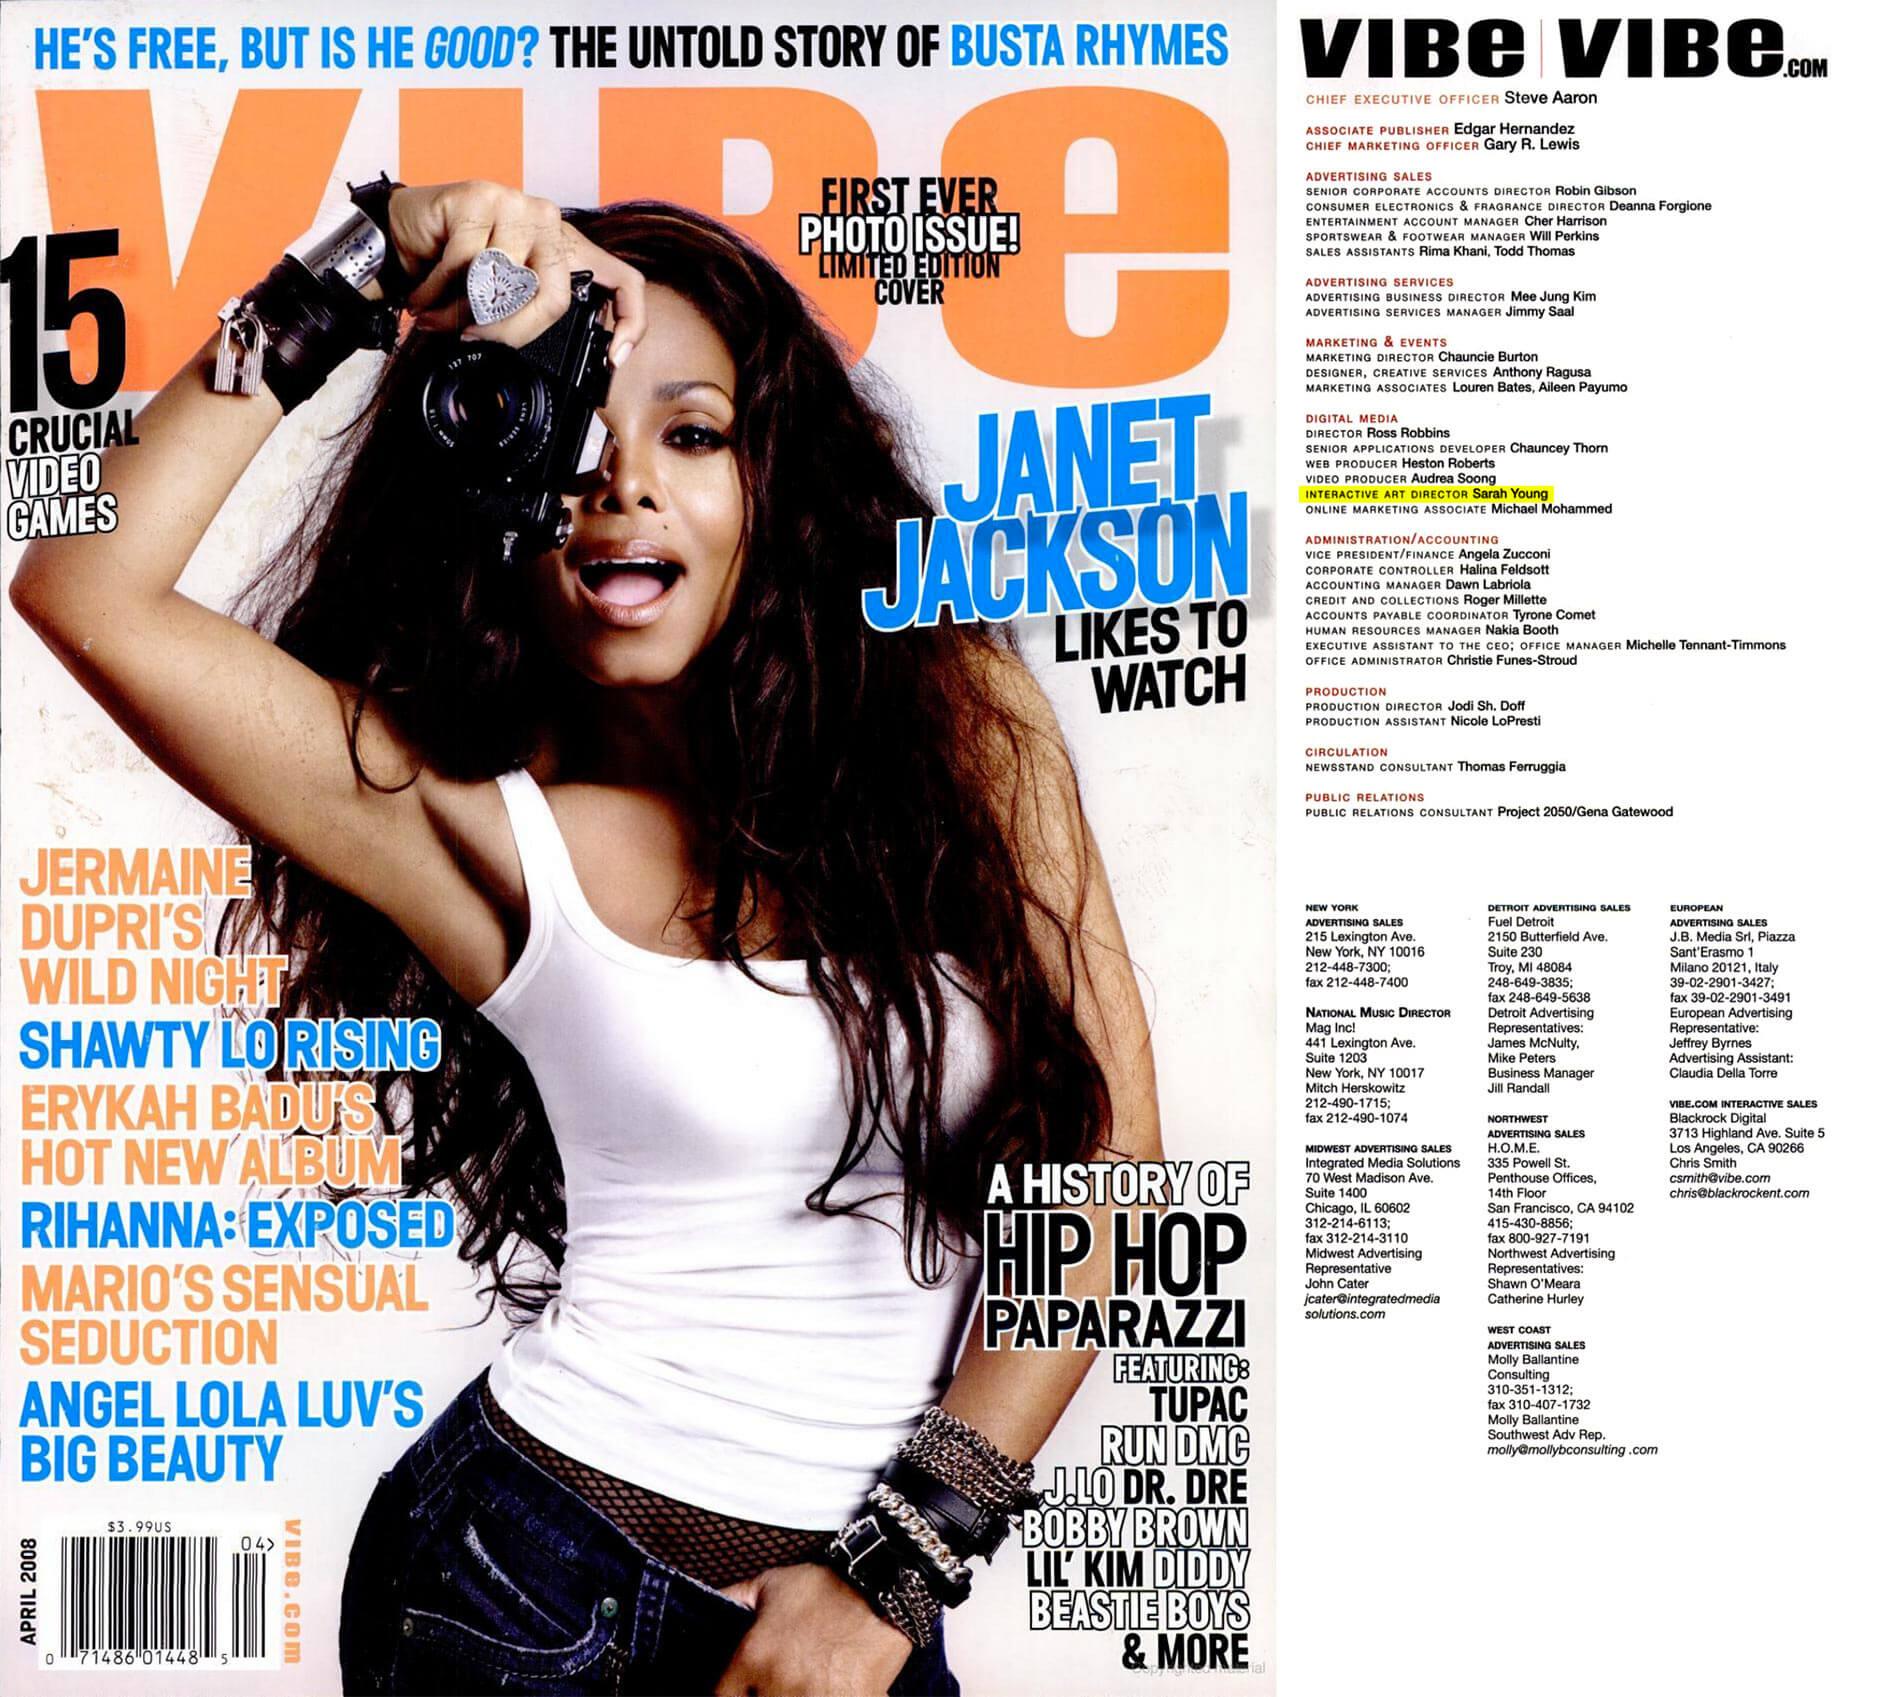 VIBE Magazine